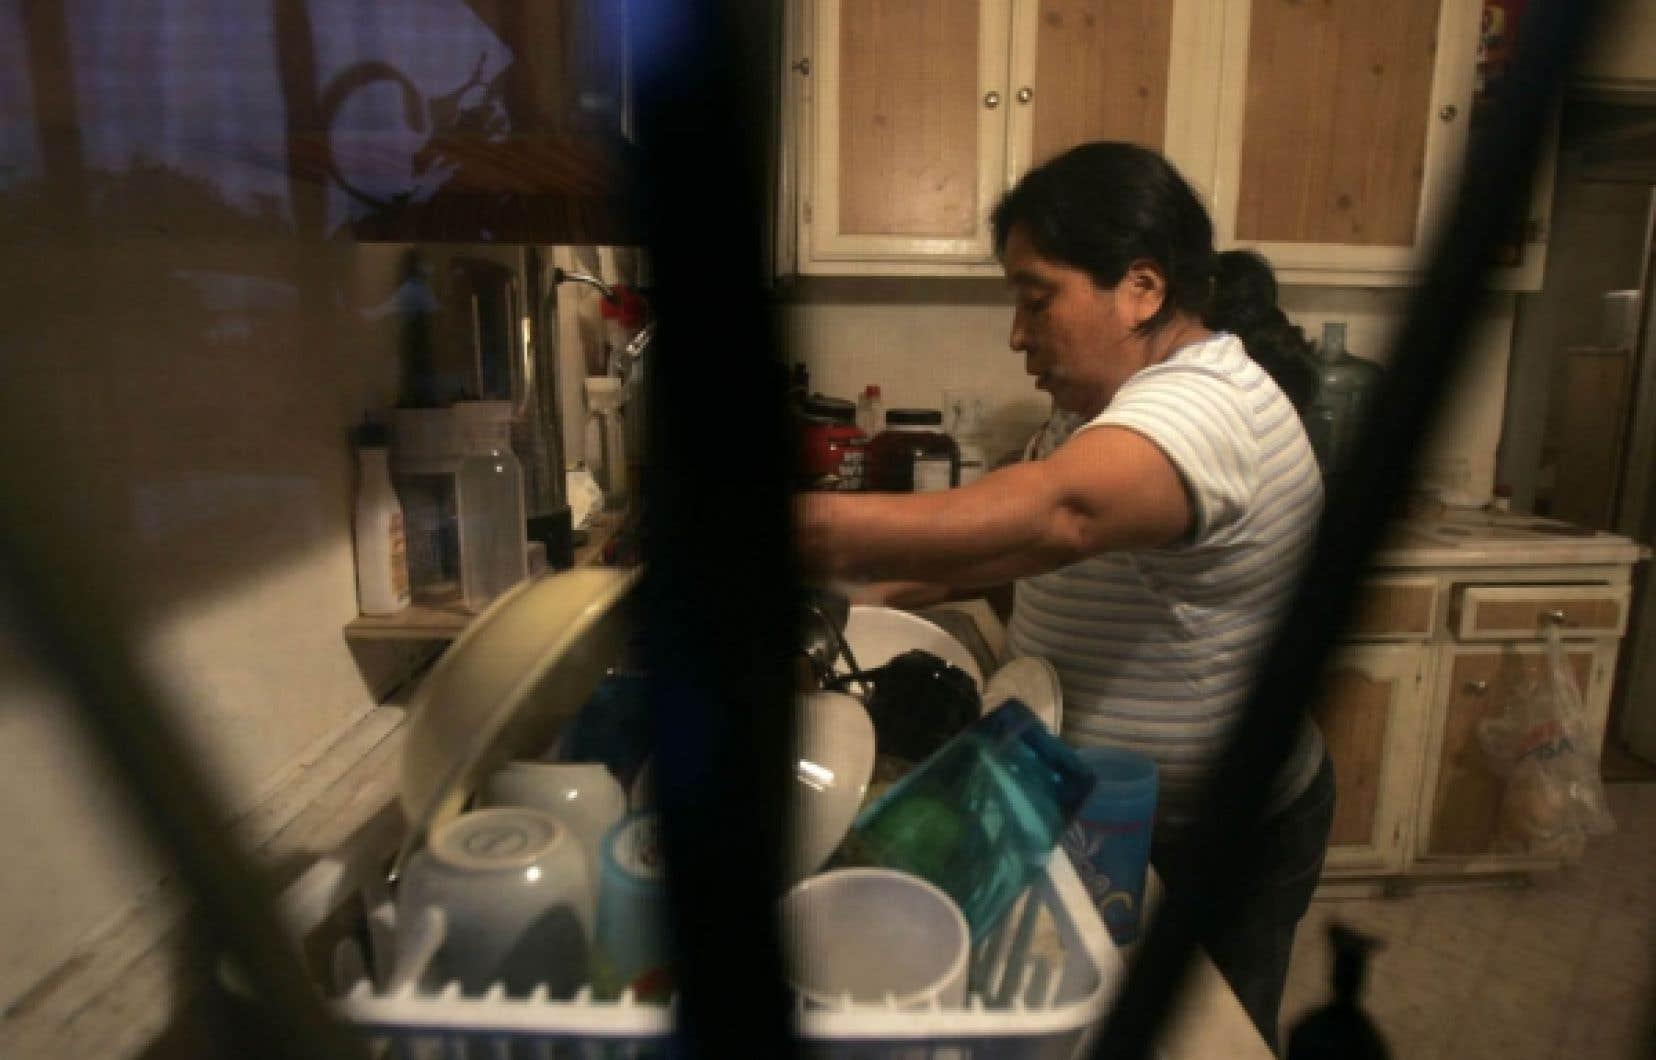 Les travailleuses philippines qui travaillent comme domestiques ou les travailleurs d'origine latino-américaine qui nettoient le plancher des stations de métro constituent le véritable «nouveau prolétariat au Québec», contrairement à ce que semble penser Mathieu Bock-Côté.